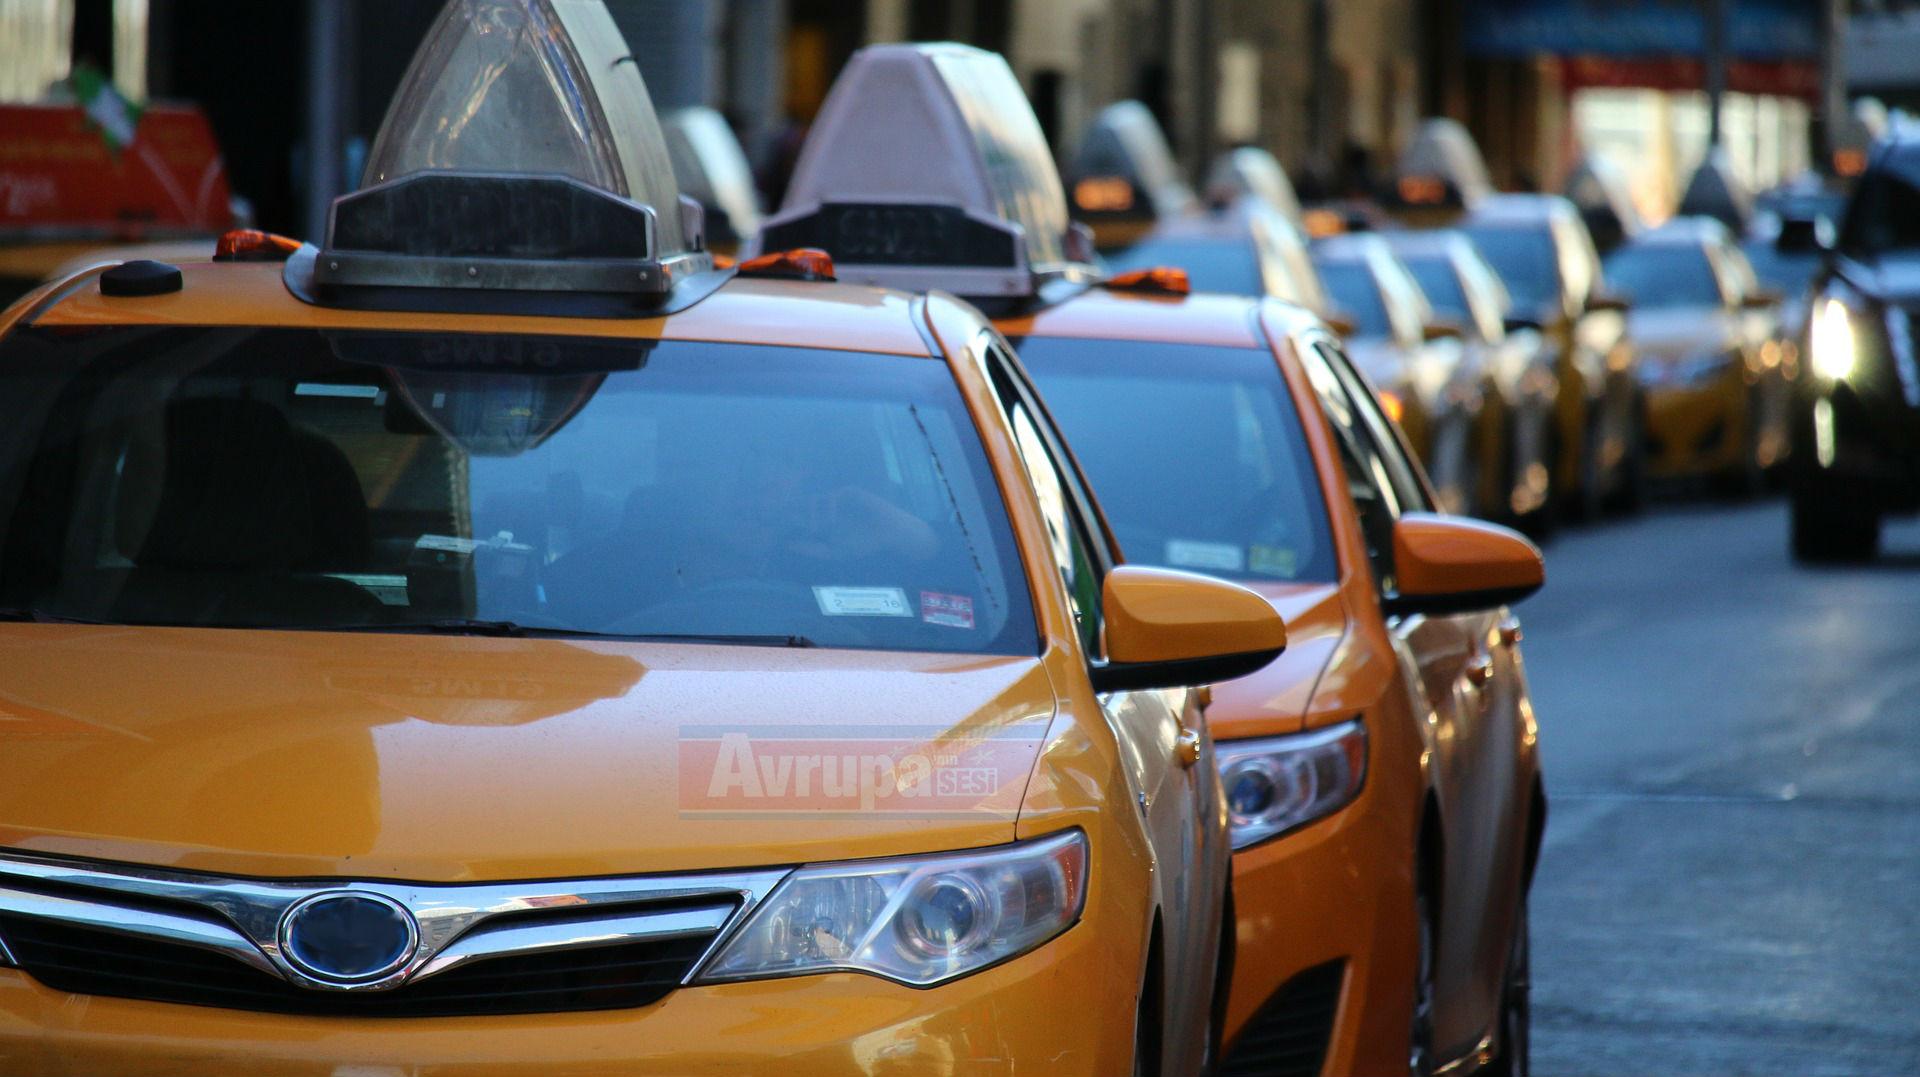 Brüksel mahkemesinden Uber kararı